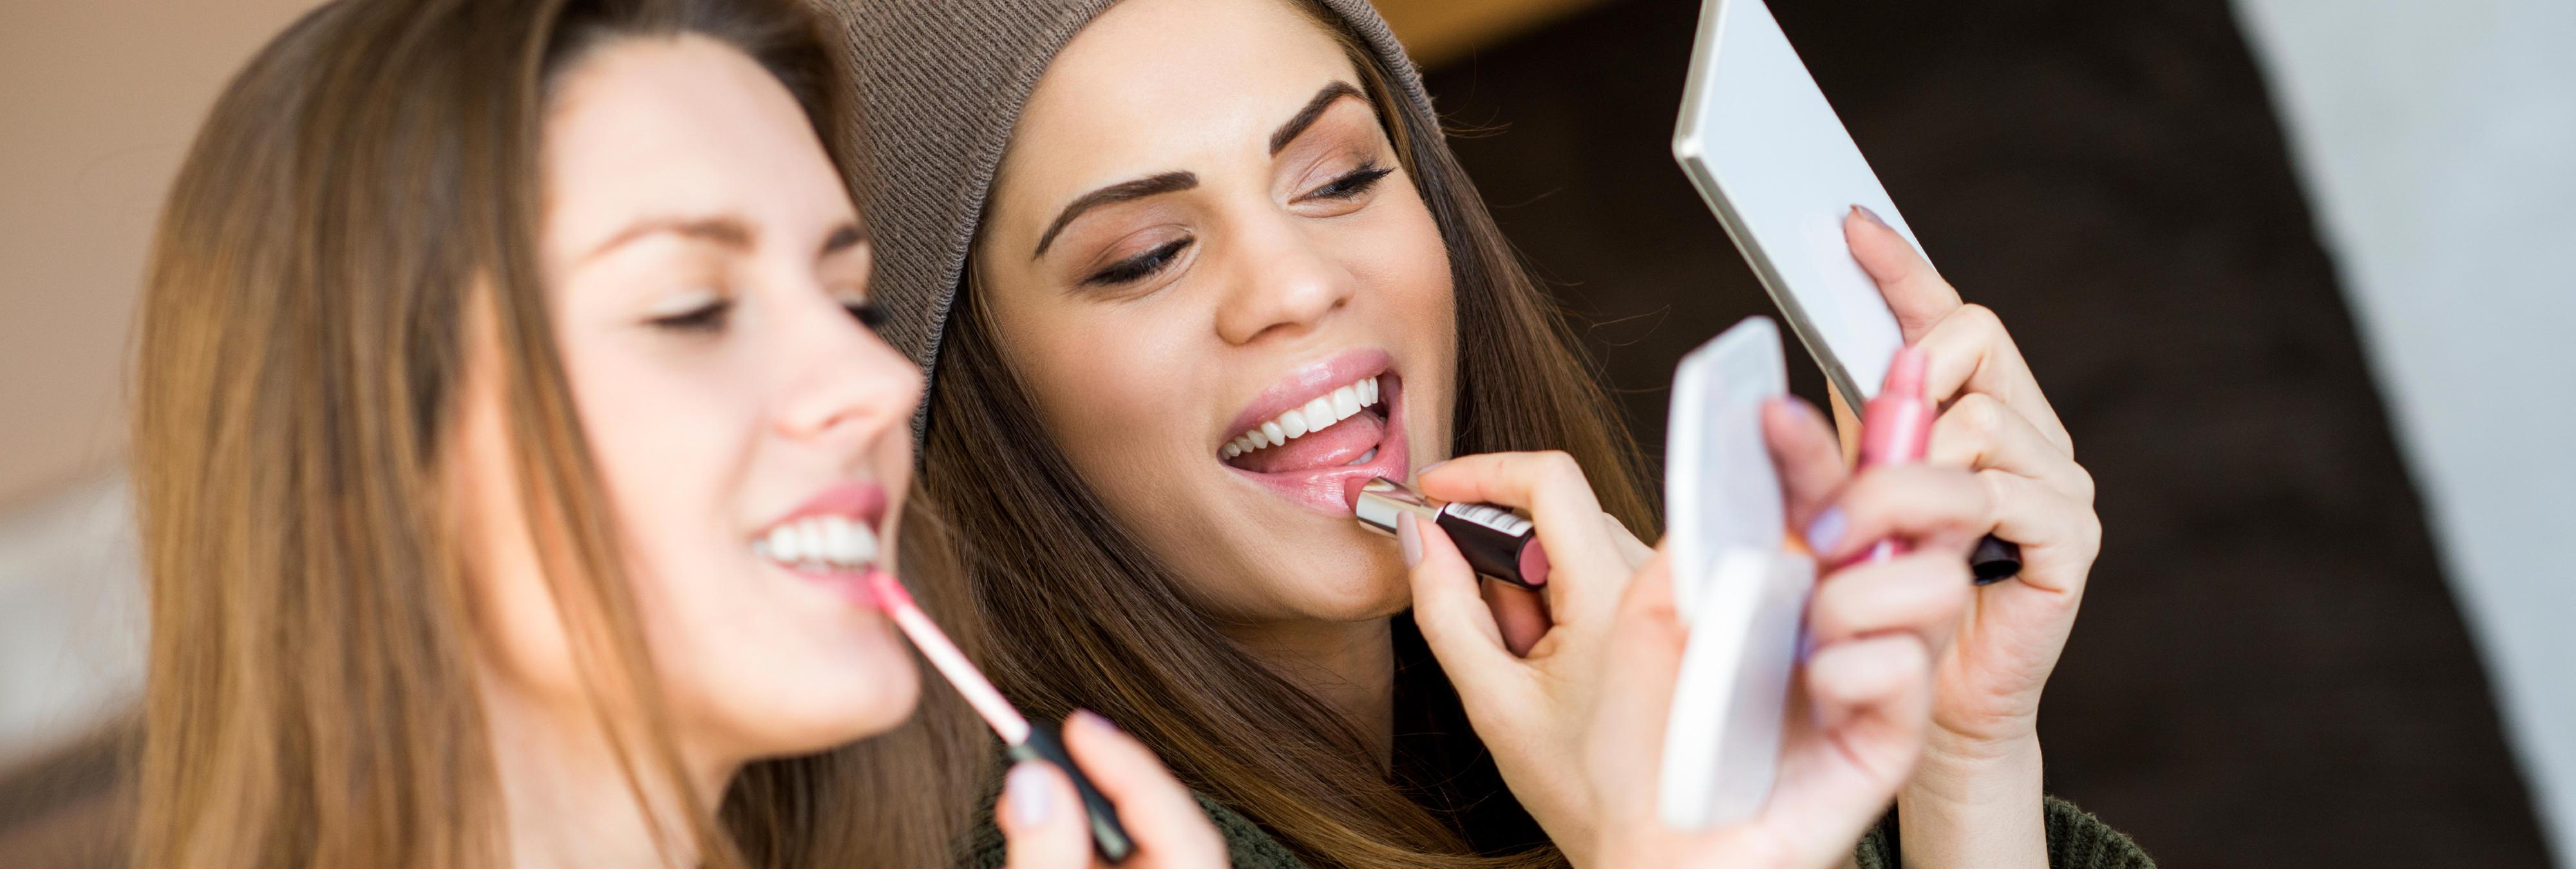 Sobre el maquillaje, las mujeres y JPelirrojo